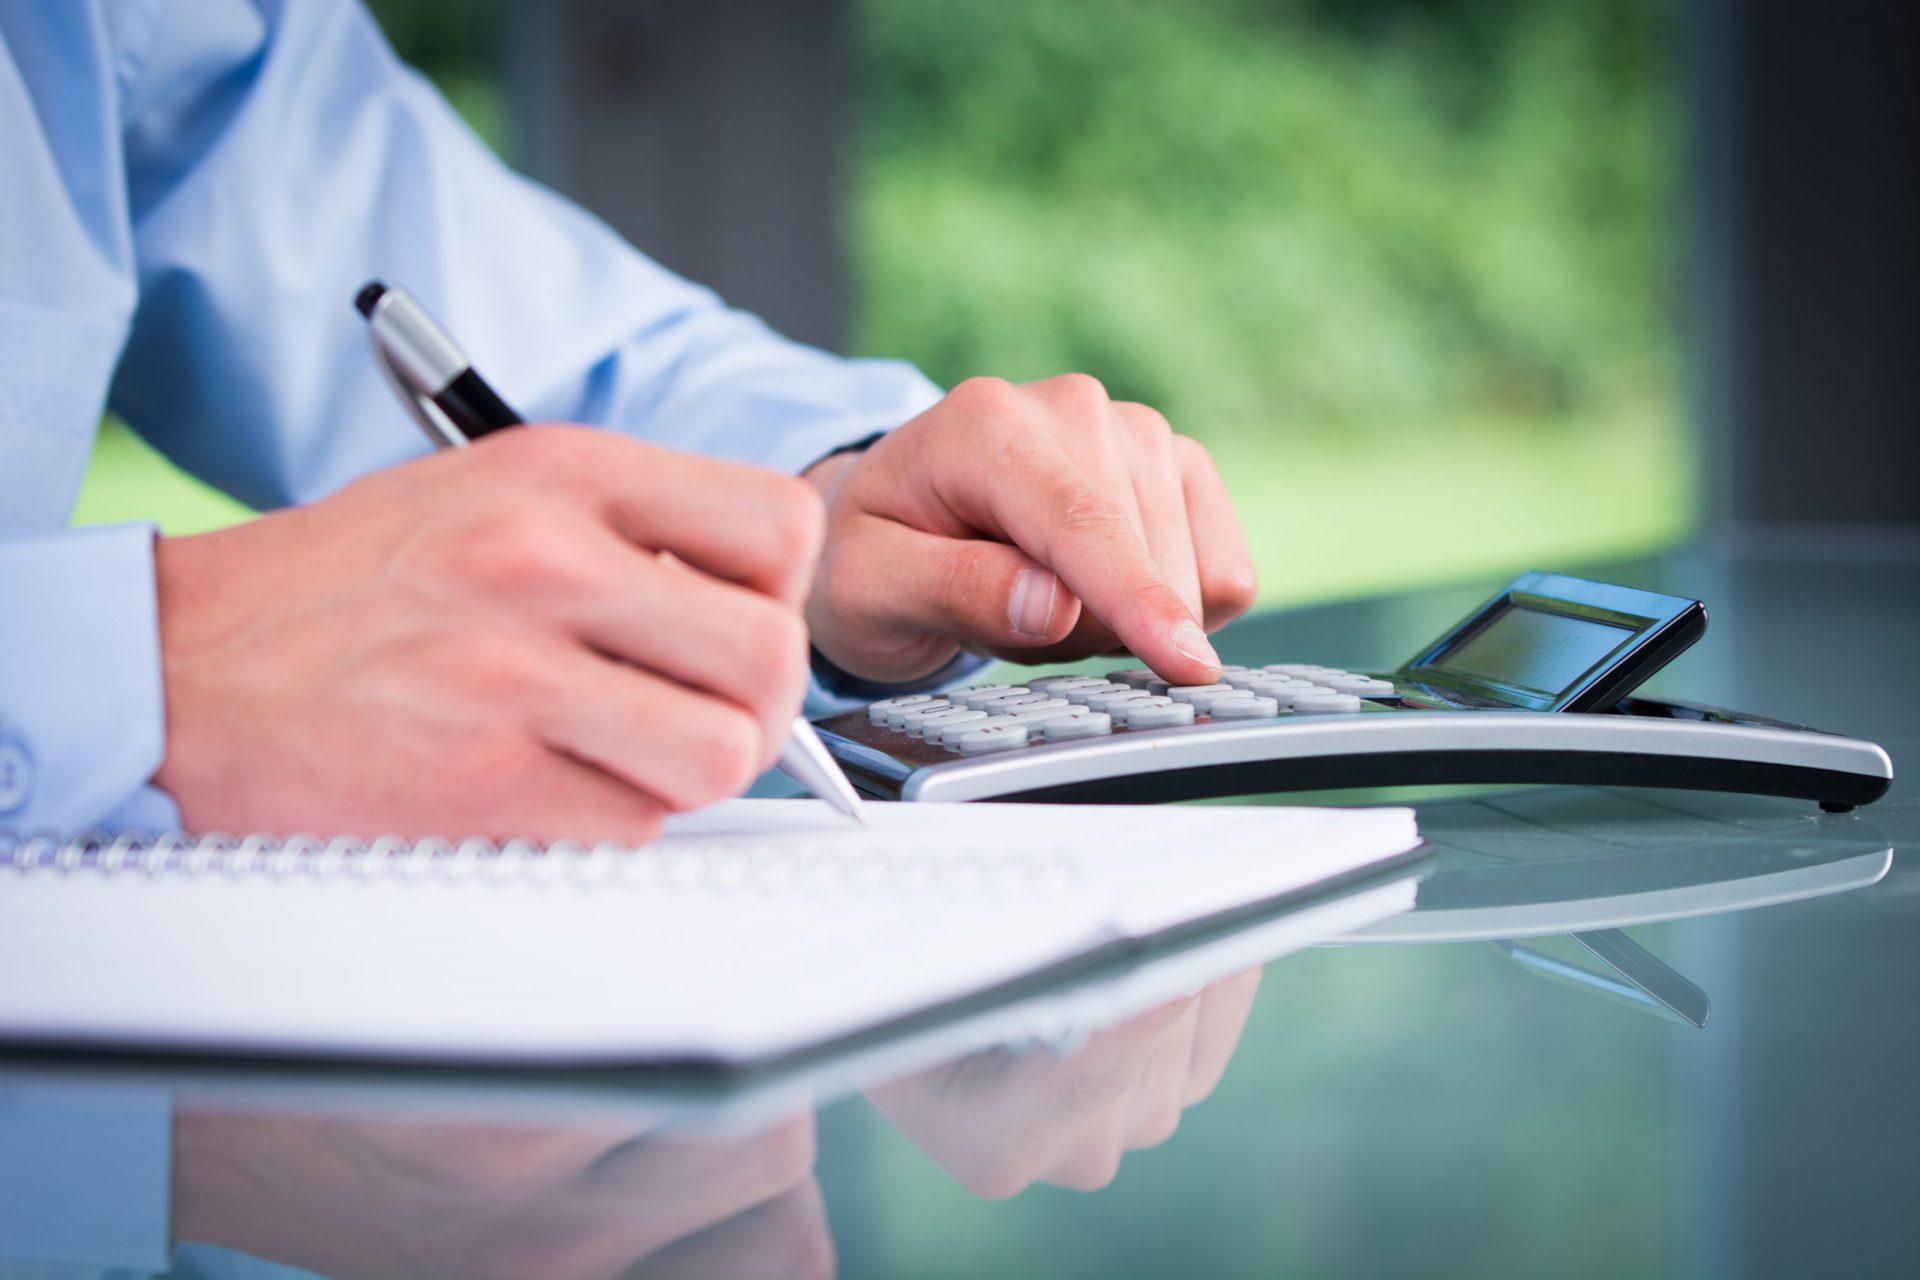 Energieeffizienzexperte und BAFA-BeraterEnergieeffizienzexperte für Förderprogramme des Bundes